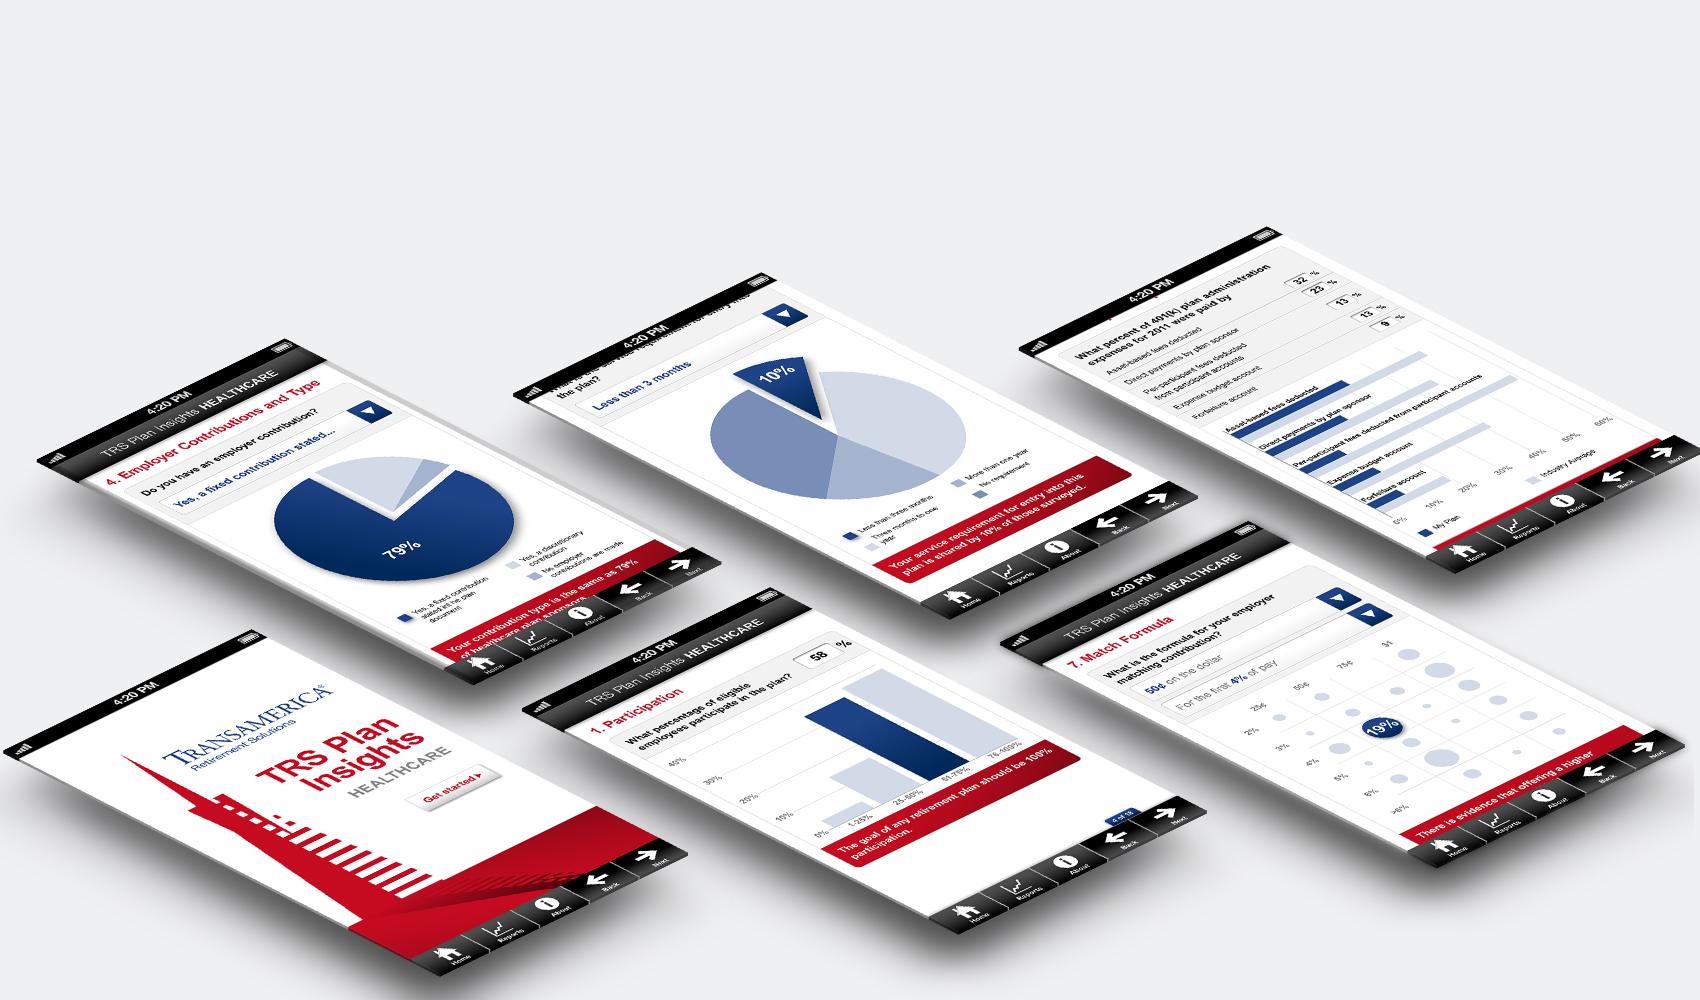 Vanguard - Mobile Application Development for Transamerica